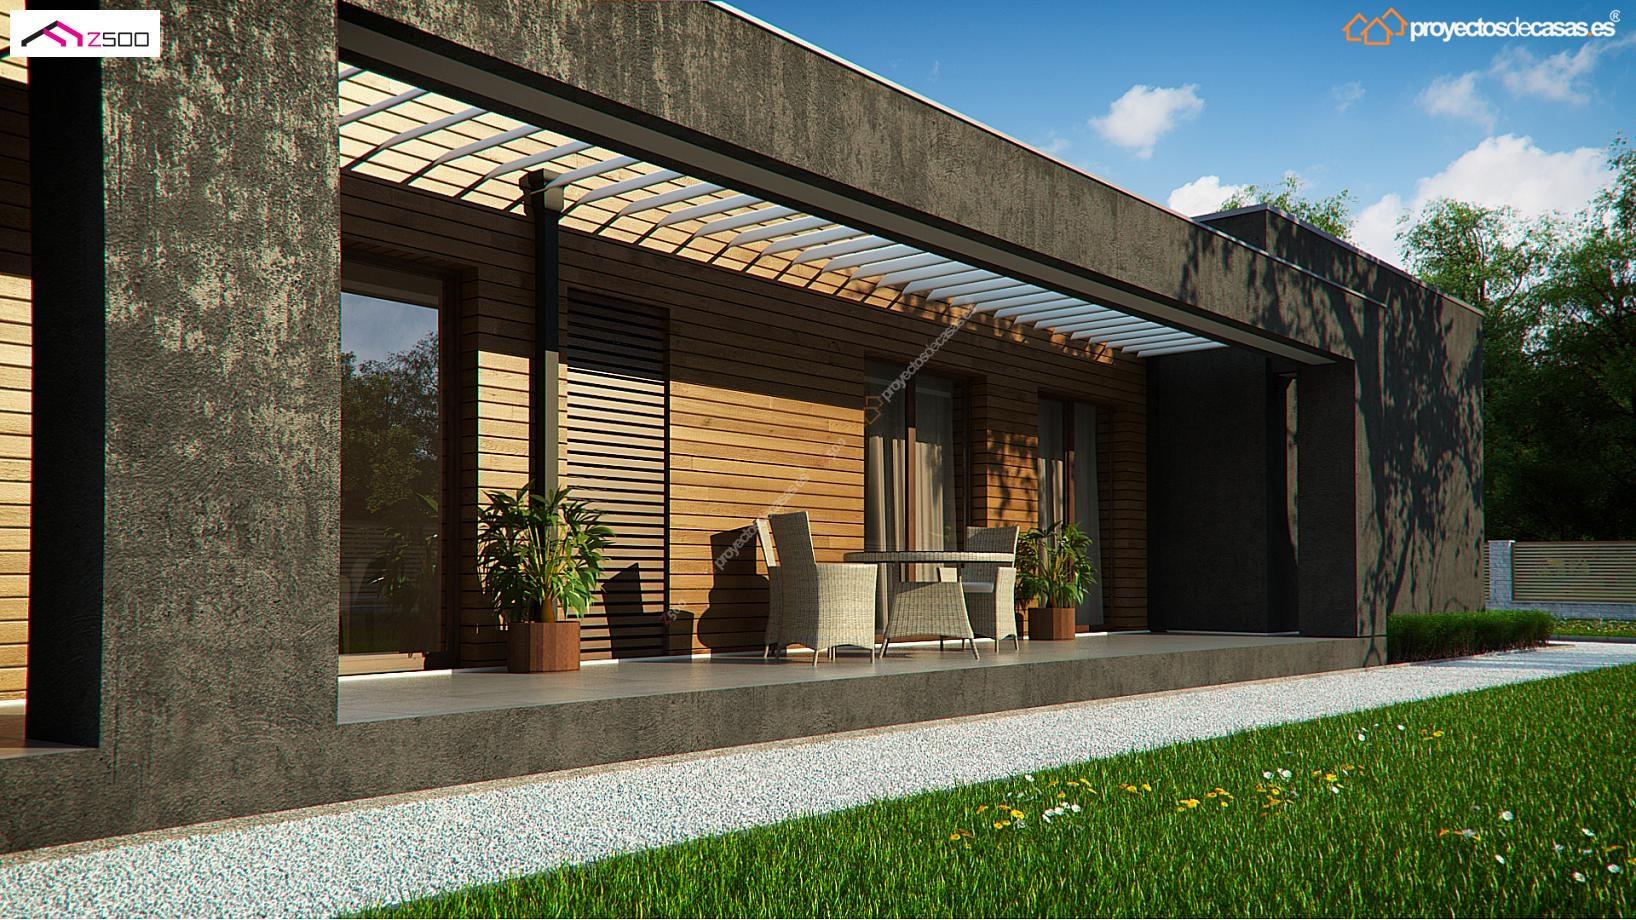 Casa unifamiliar de 1 planta proyectos de casas for Proyectos minimalistas